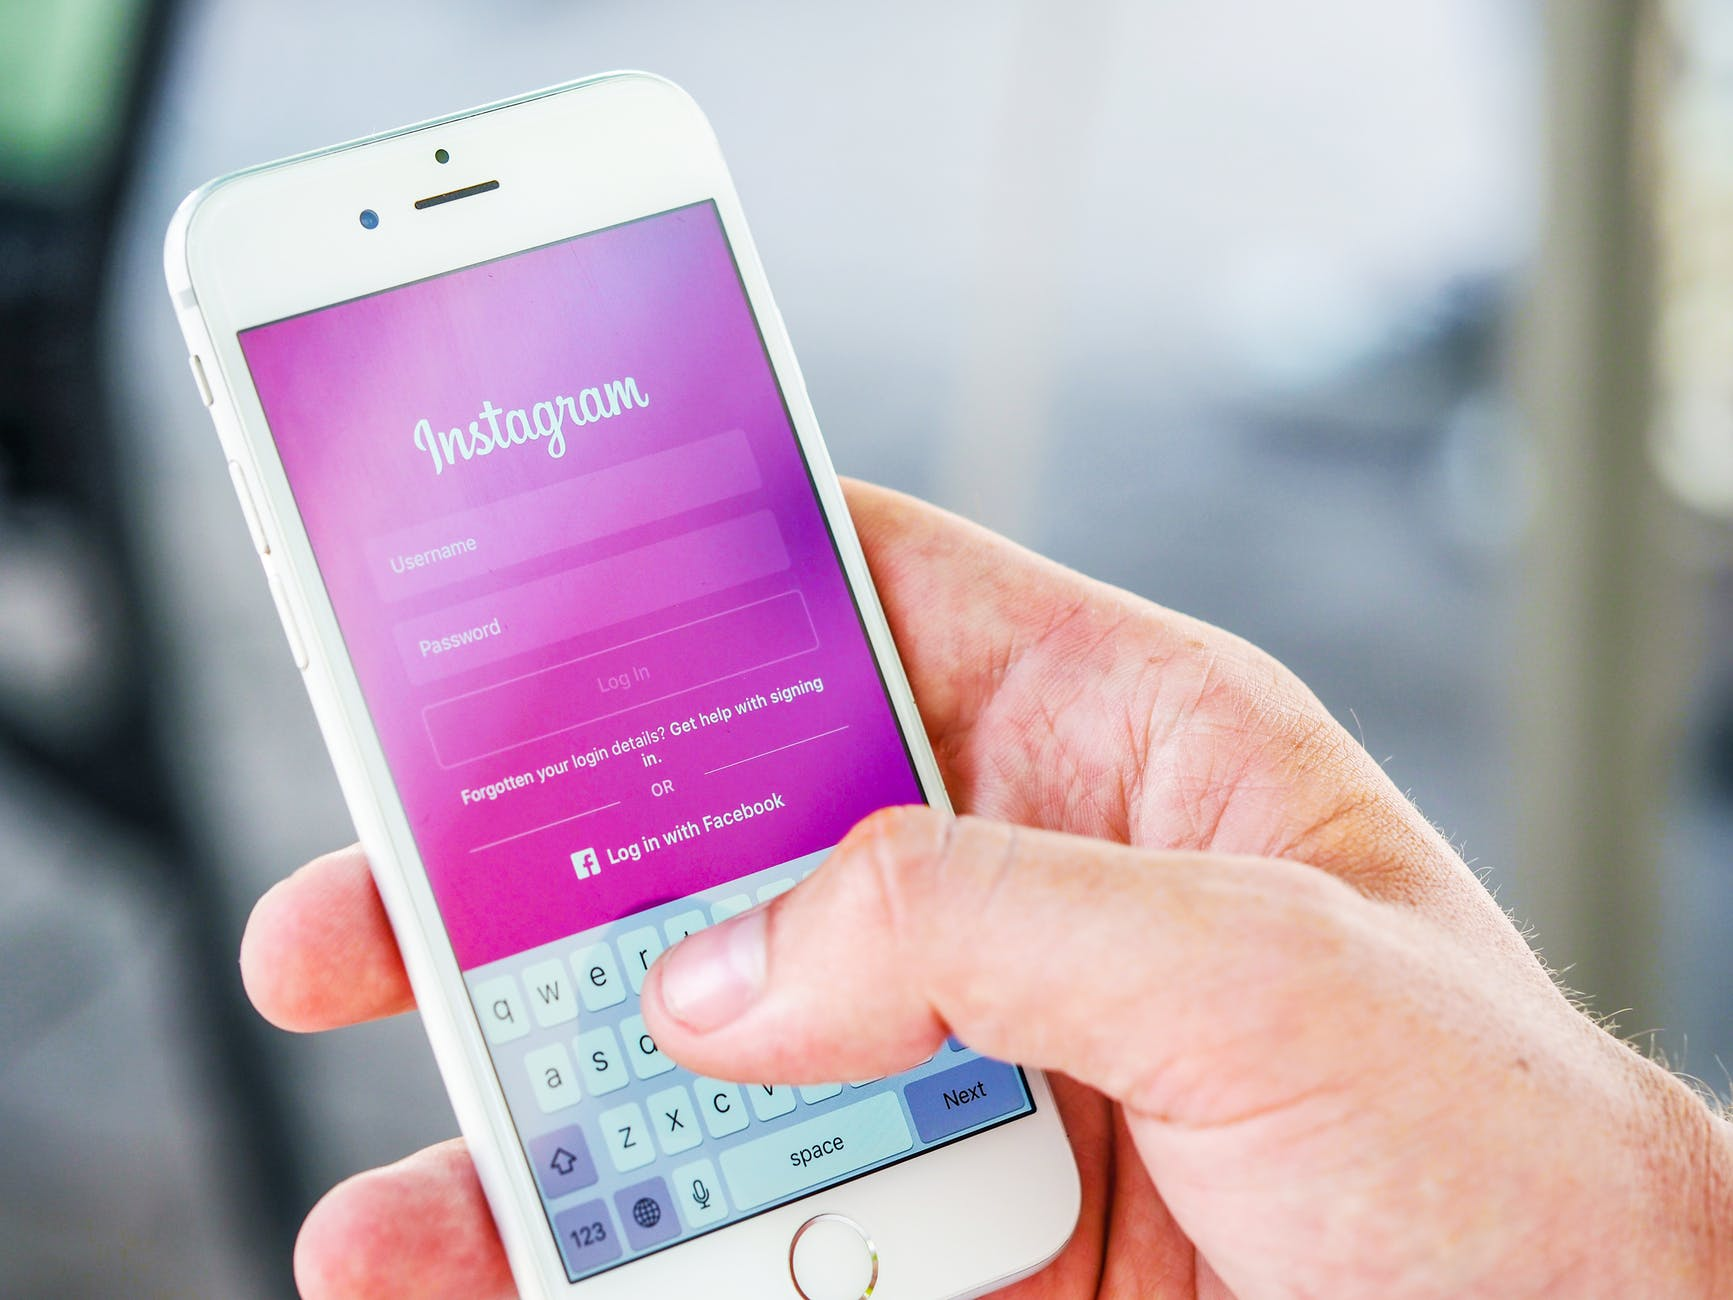 Get Unlimited 100% Free Instagram Followers in GetInsFollowers App